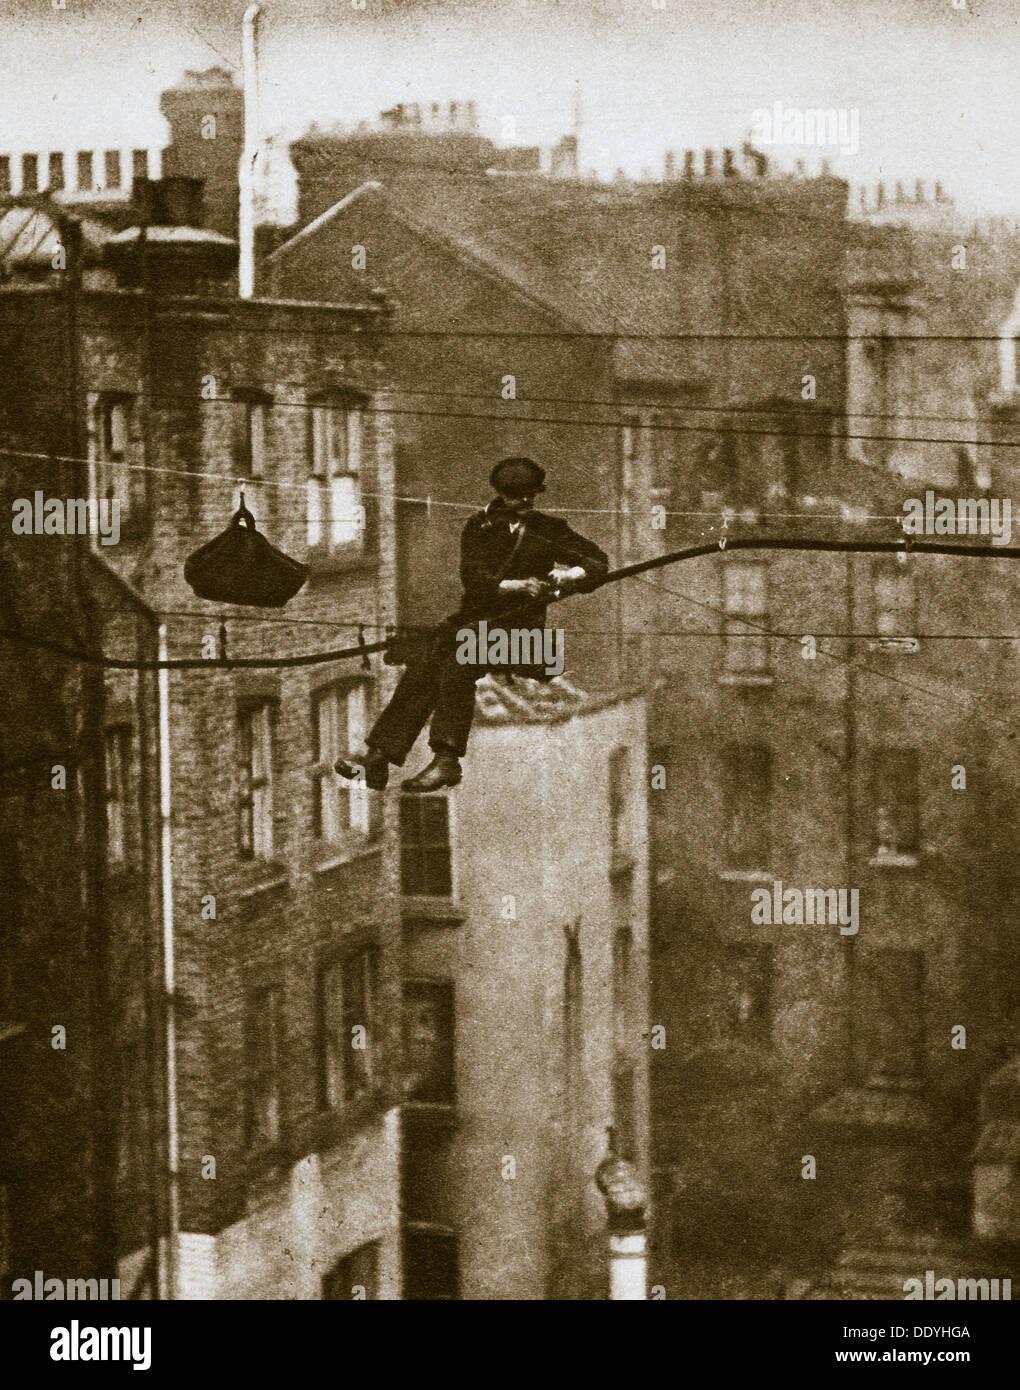 Ispezione di un cavo telefonico tra condotto e Maddox strade, xx secolo. Artista: sconosciutoFoto Stock